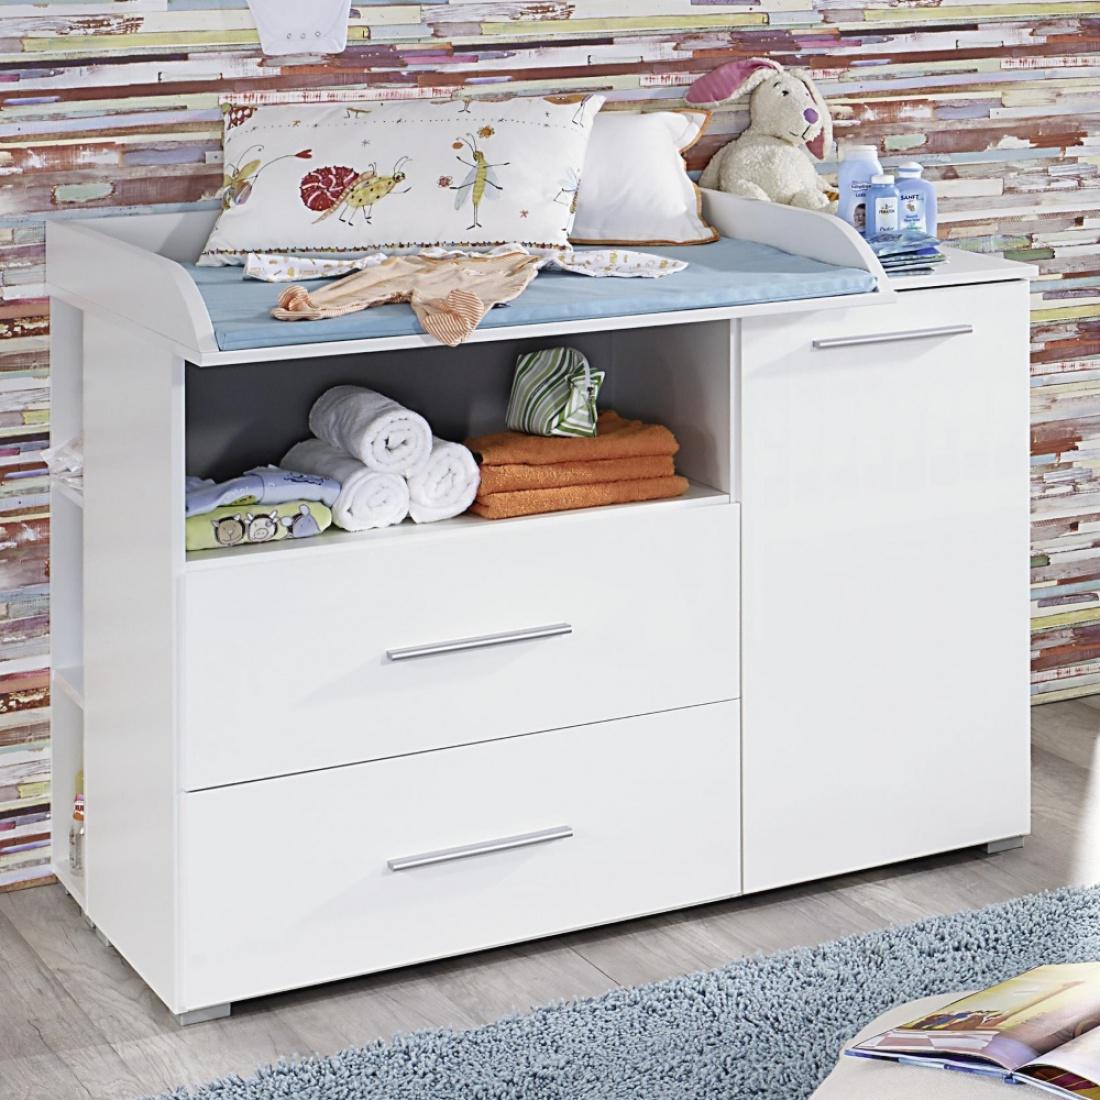 wickelkommode manja mit regal hochglanz wei alpinwei kaufen bei m bel lux. Black Bedroom Furniture Sets. Home Design Ideas